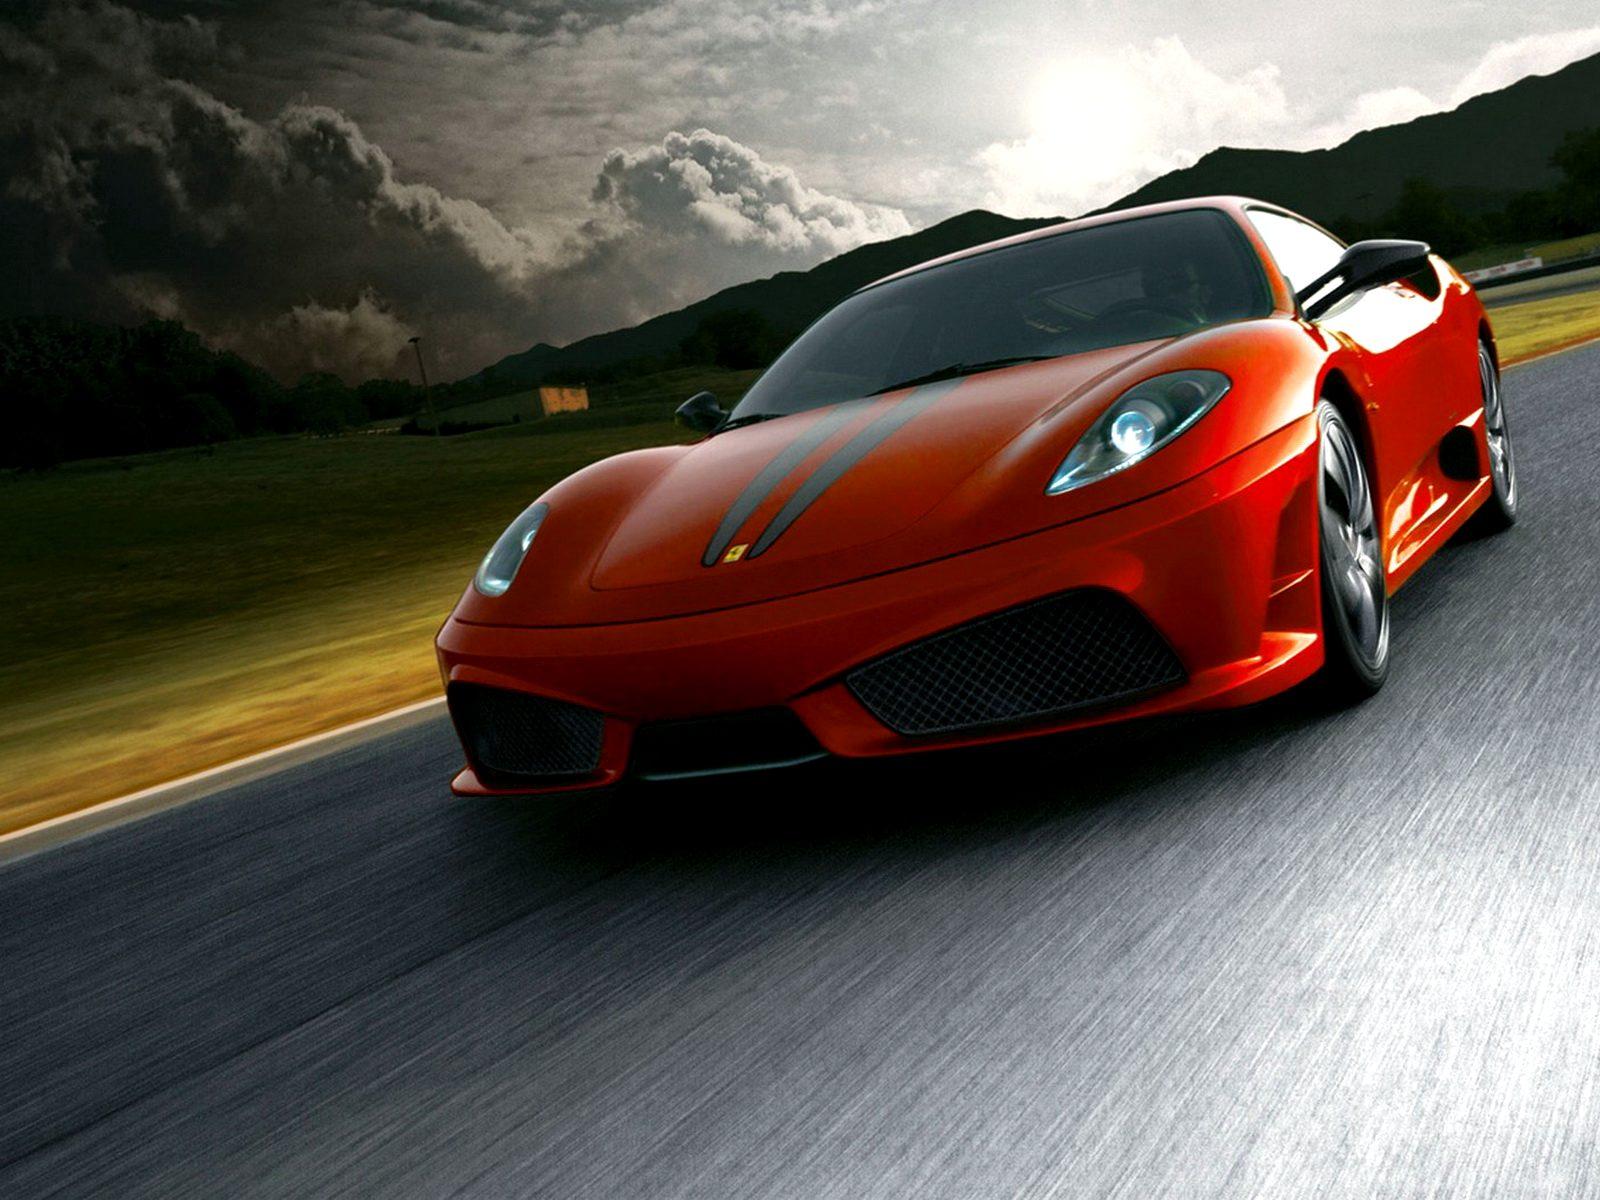 http://3.bp.blogspot.com/-ivOexqTrUlo/TsVcVtEhpXI/AAAAAAAAAEQ/8CrhymEEn_c/s1600/Ferrari%252BScuderia%252Bwallpaper%252B3.jpg